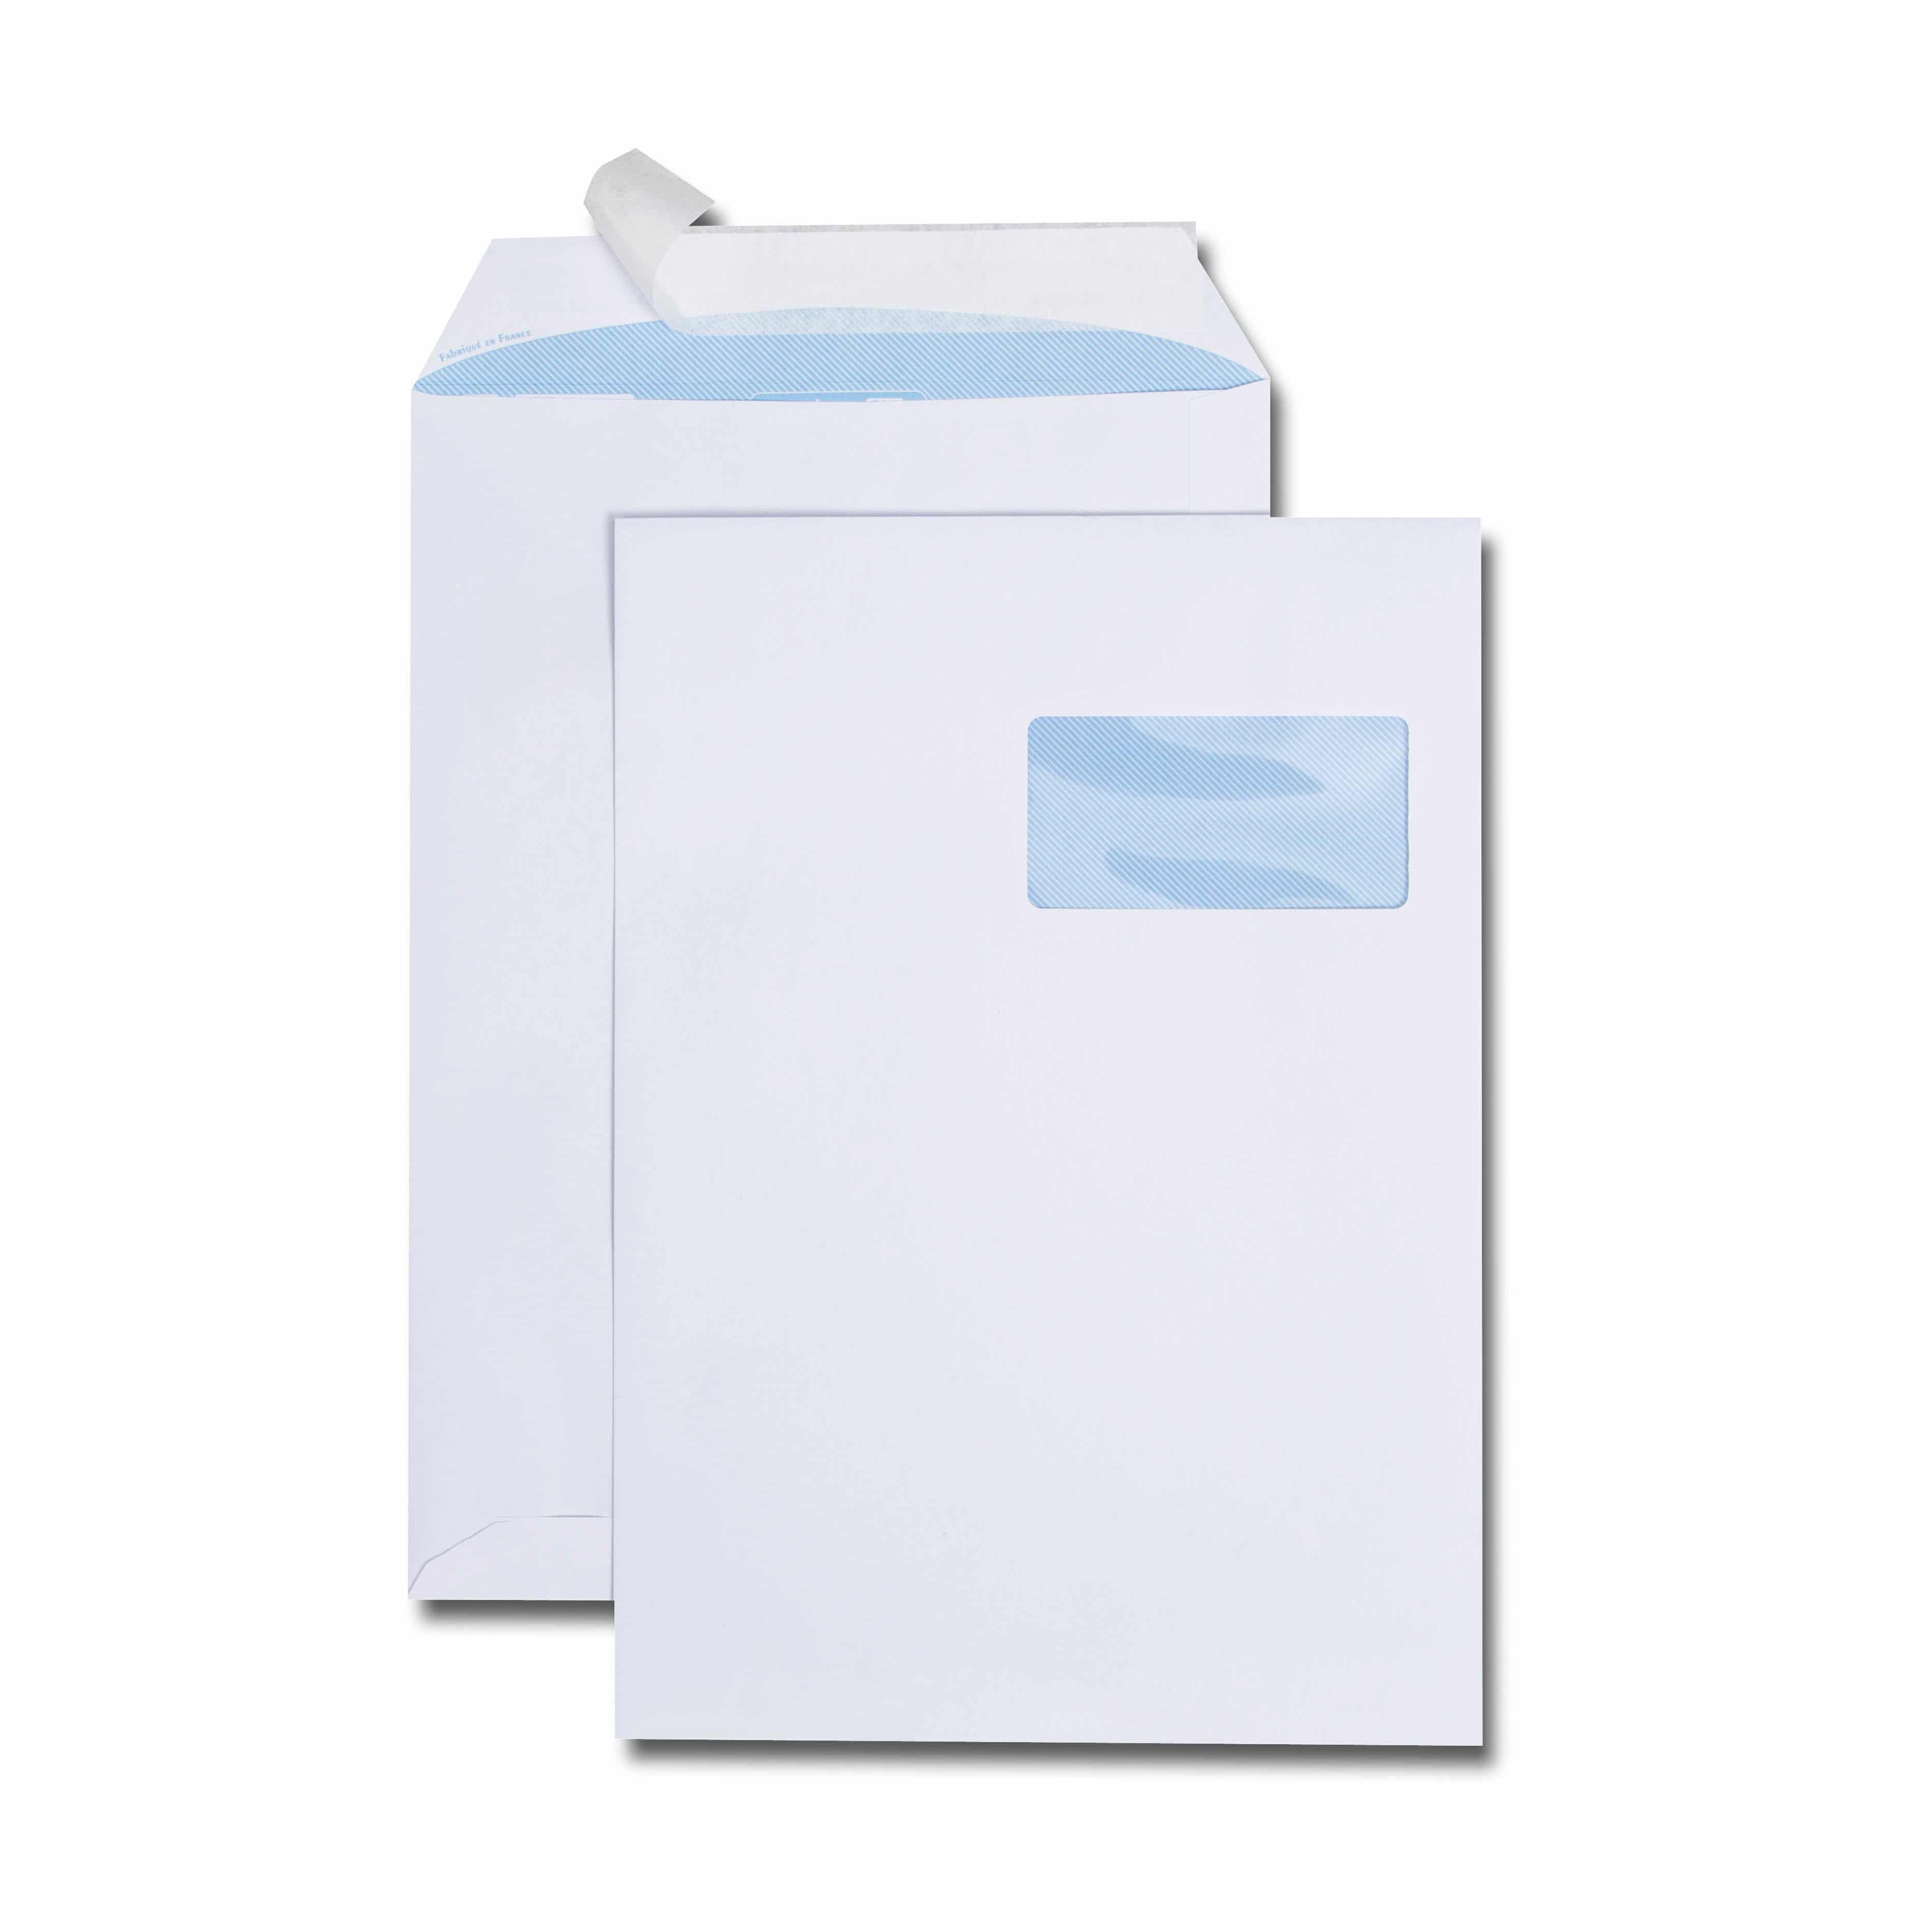 Boîte de 250 pochettes blanches C4 229x324 100 g/m² fenêtre 100x50 bande de protection